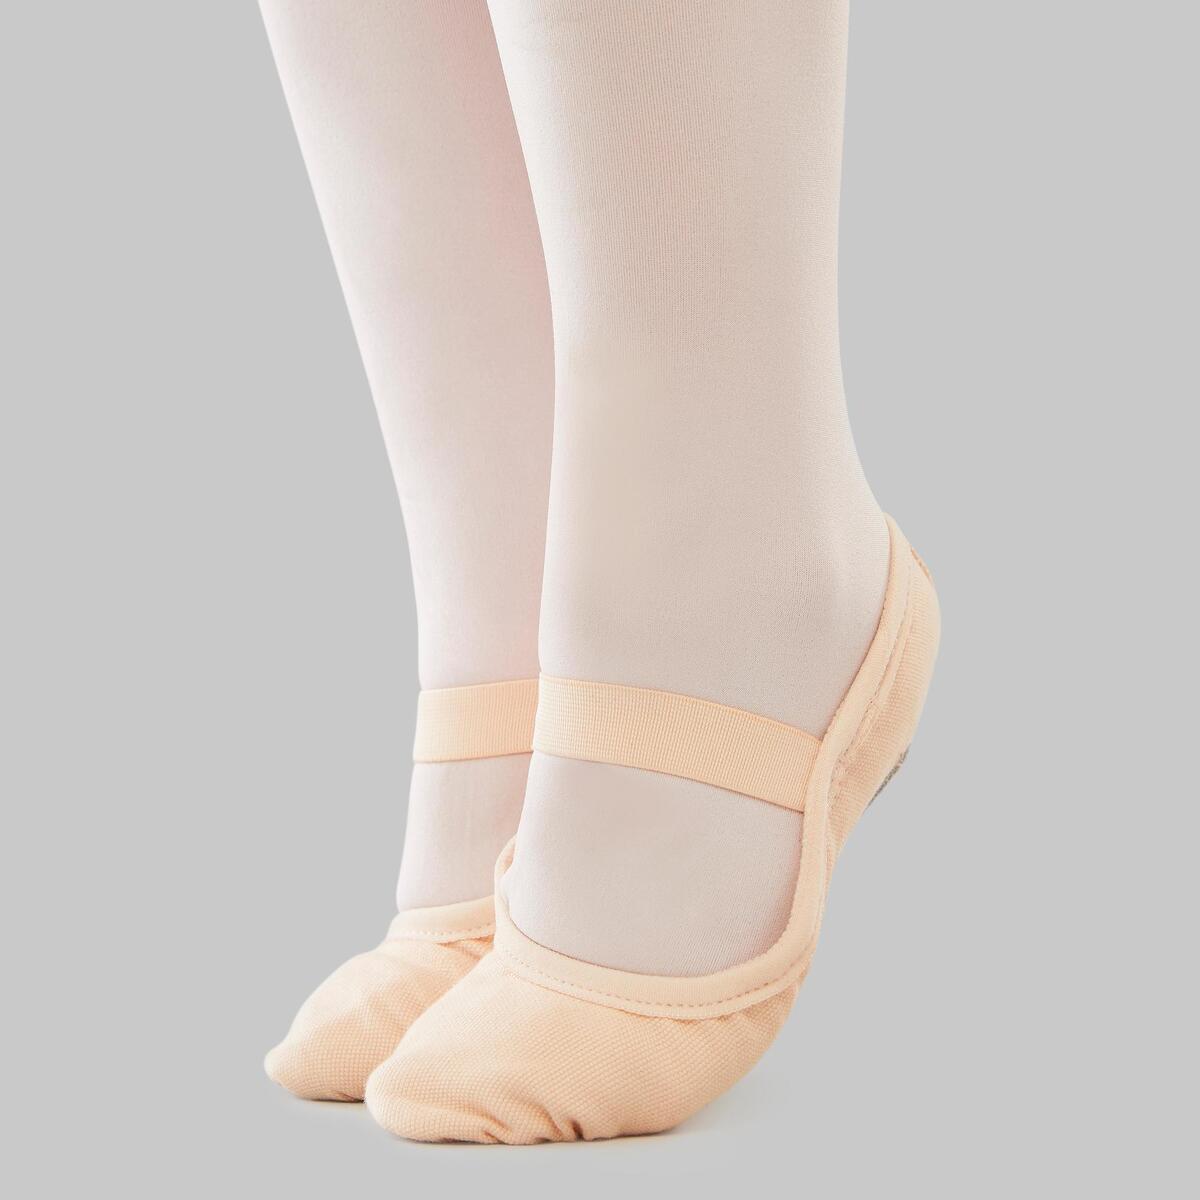 Bild 4 von Ballettschuhe Halbspitze Leinen durchgehende Sohle Gr.25–40 lachsfarben